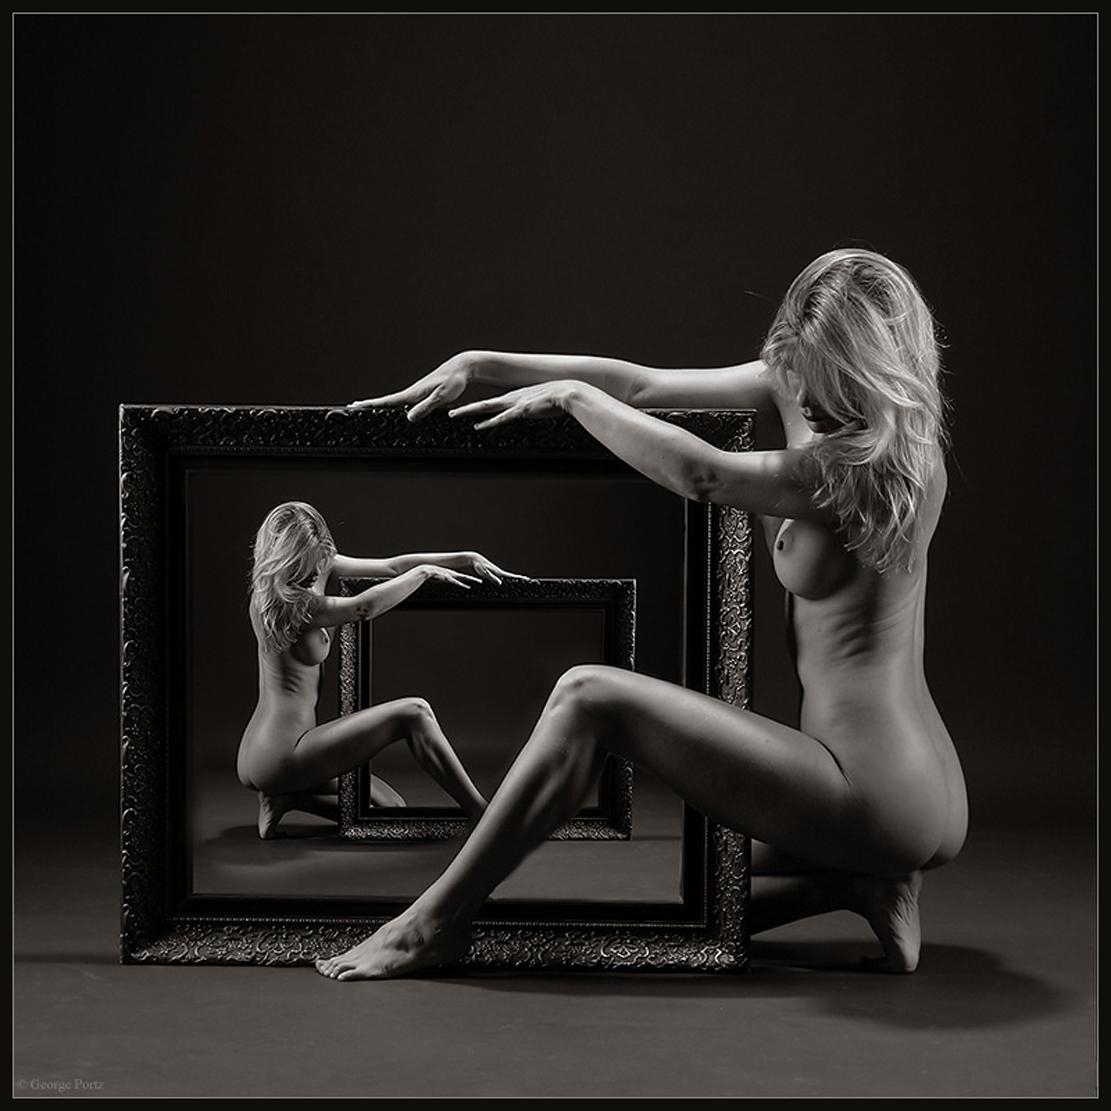 Эротические фотки девушек клубная тематика 13 фотография